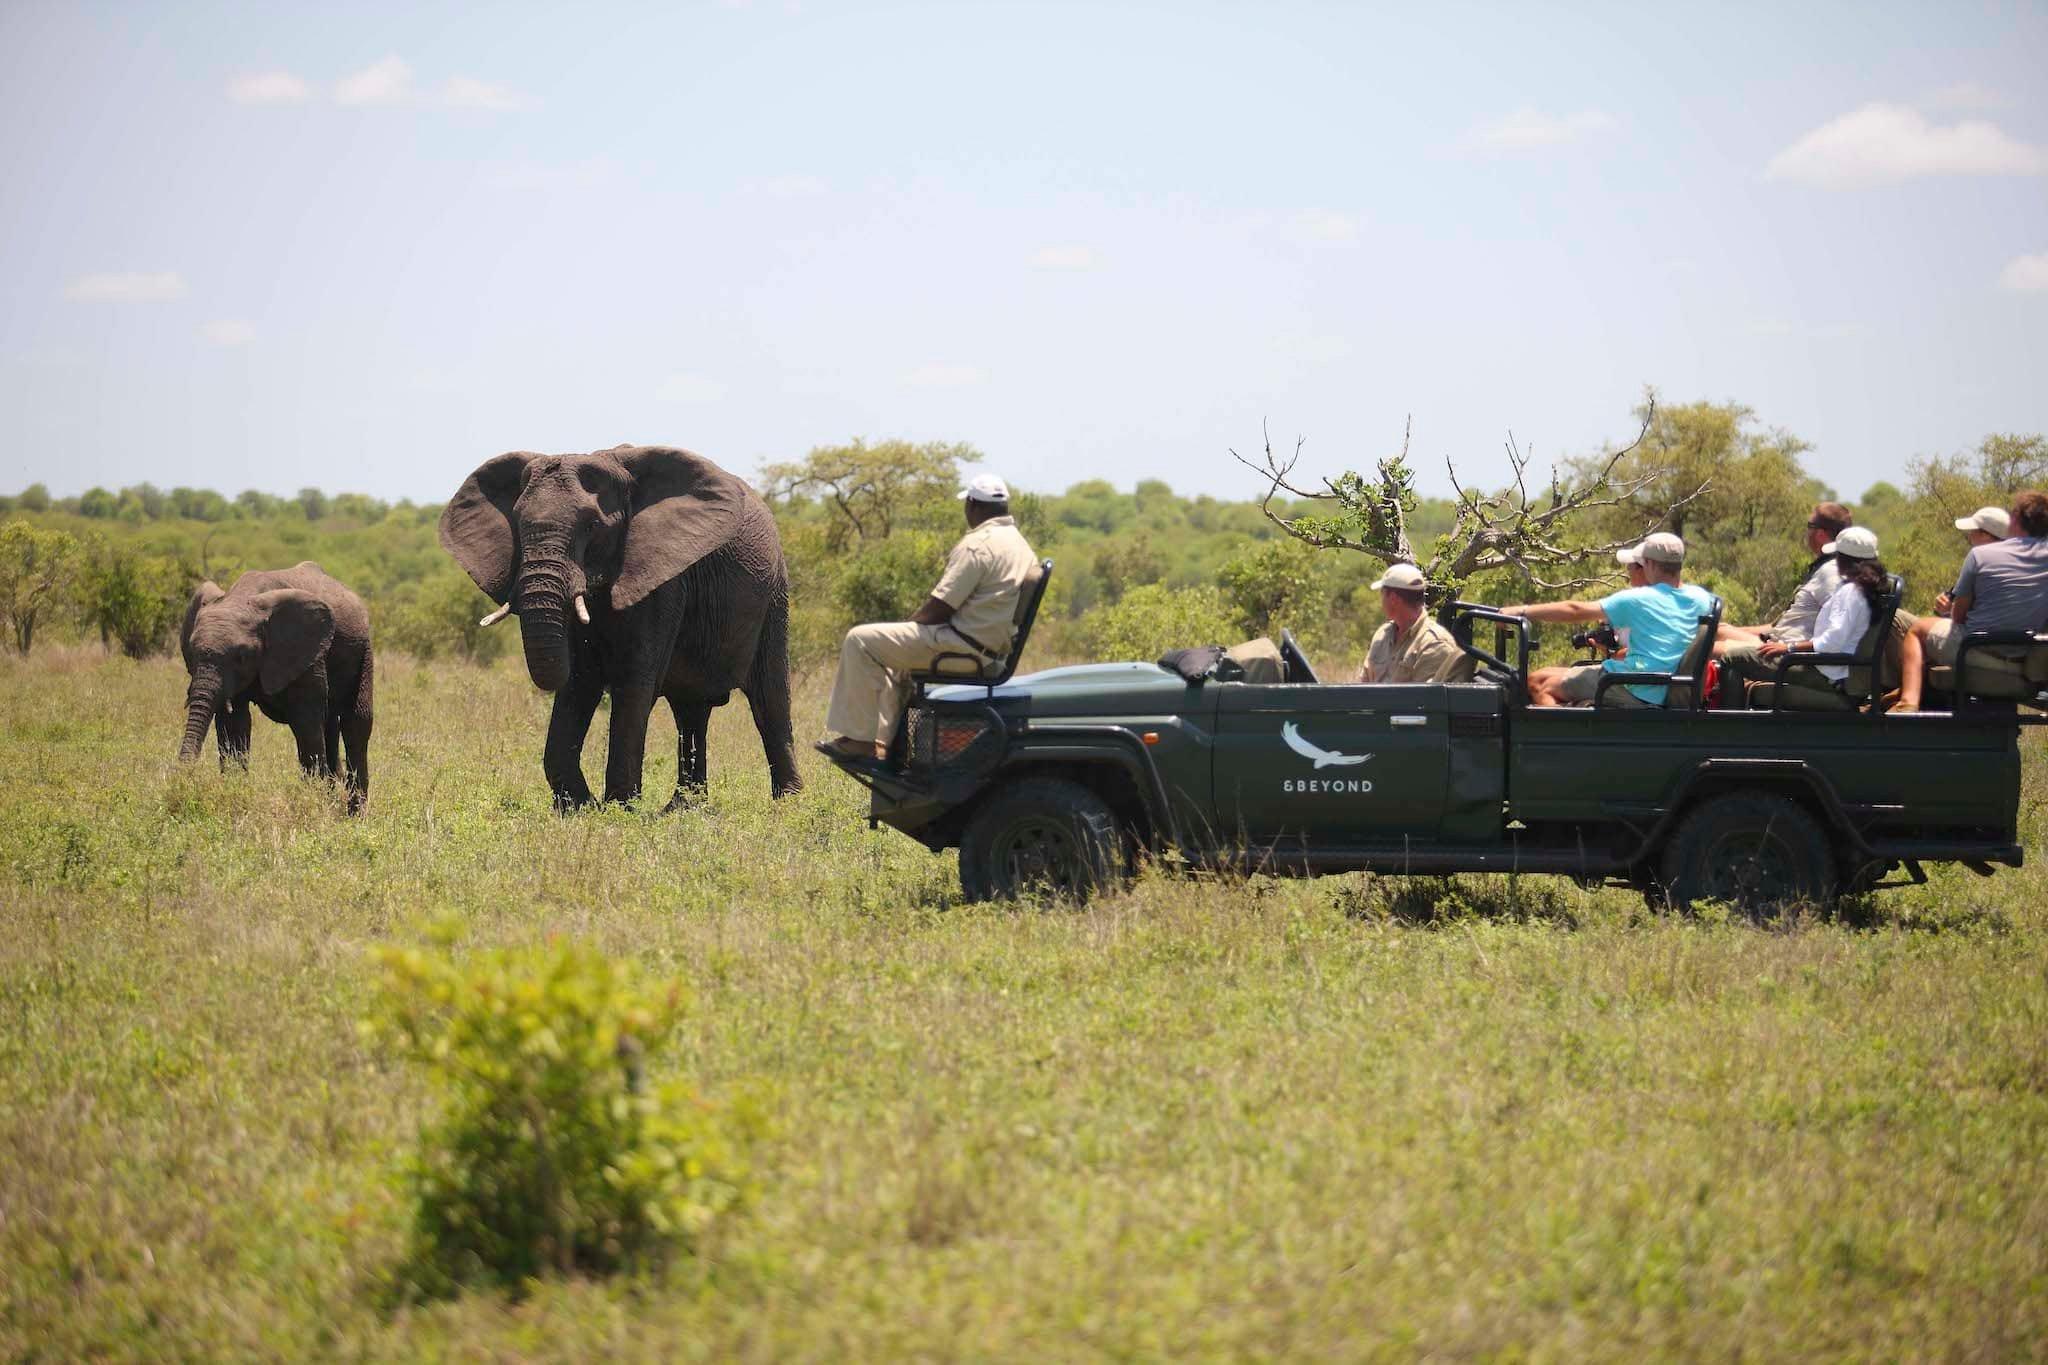 andBeyond-ngala-safari-lodge-activities-game-drive-01.jpeg